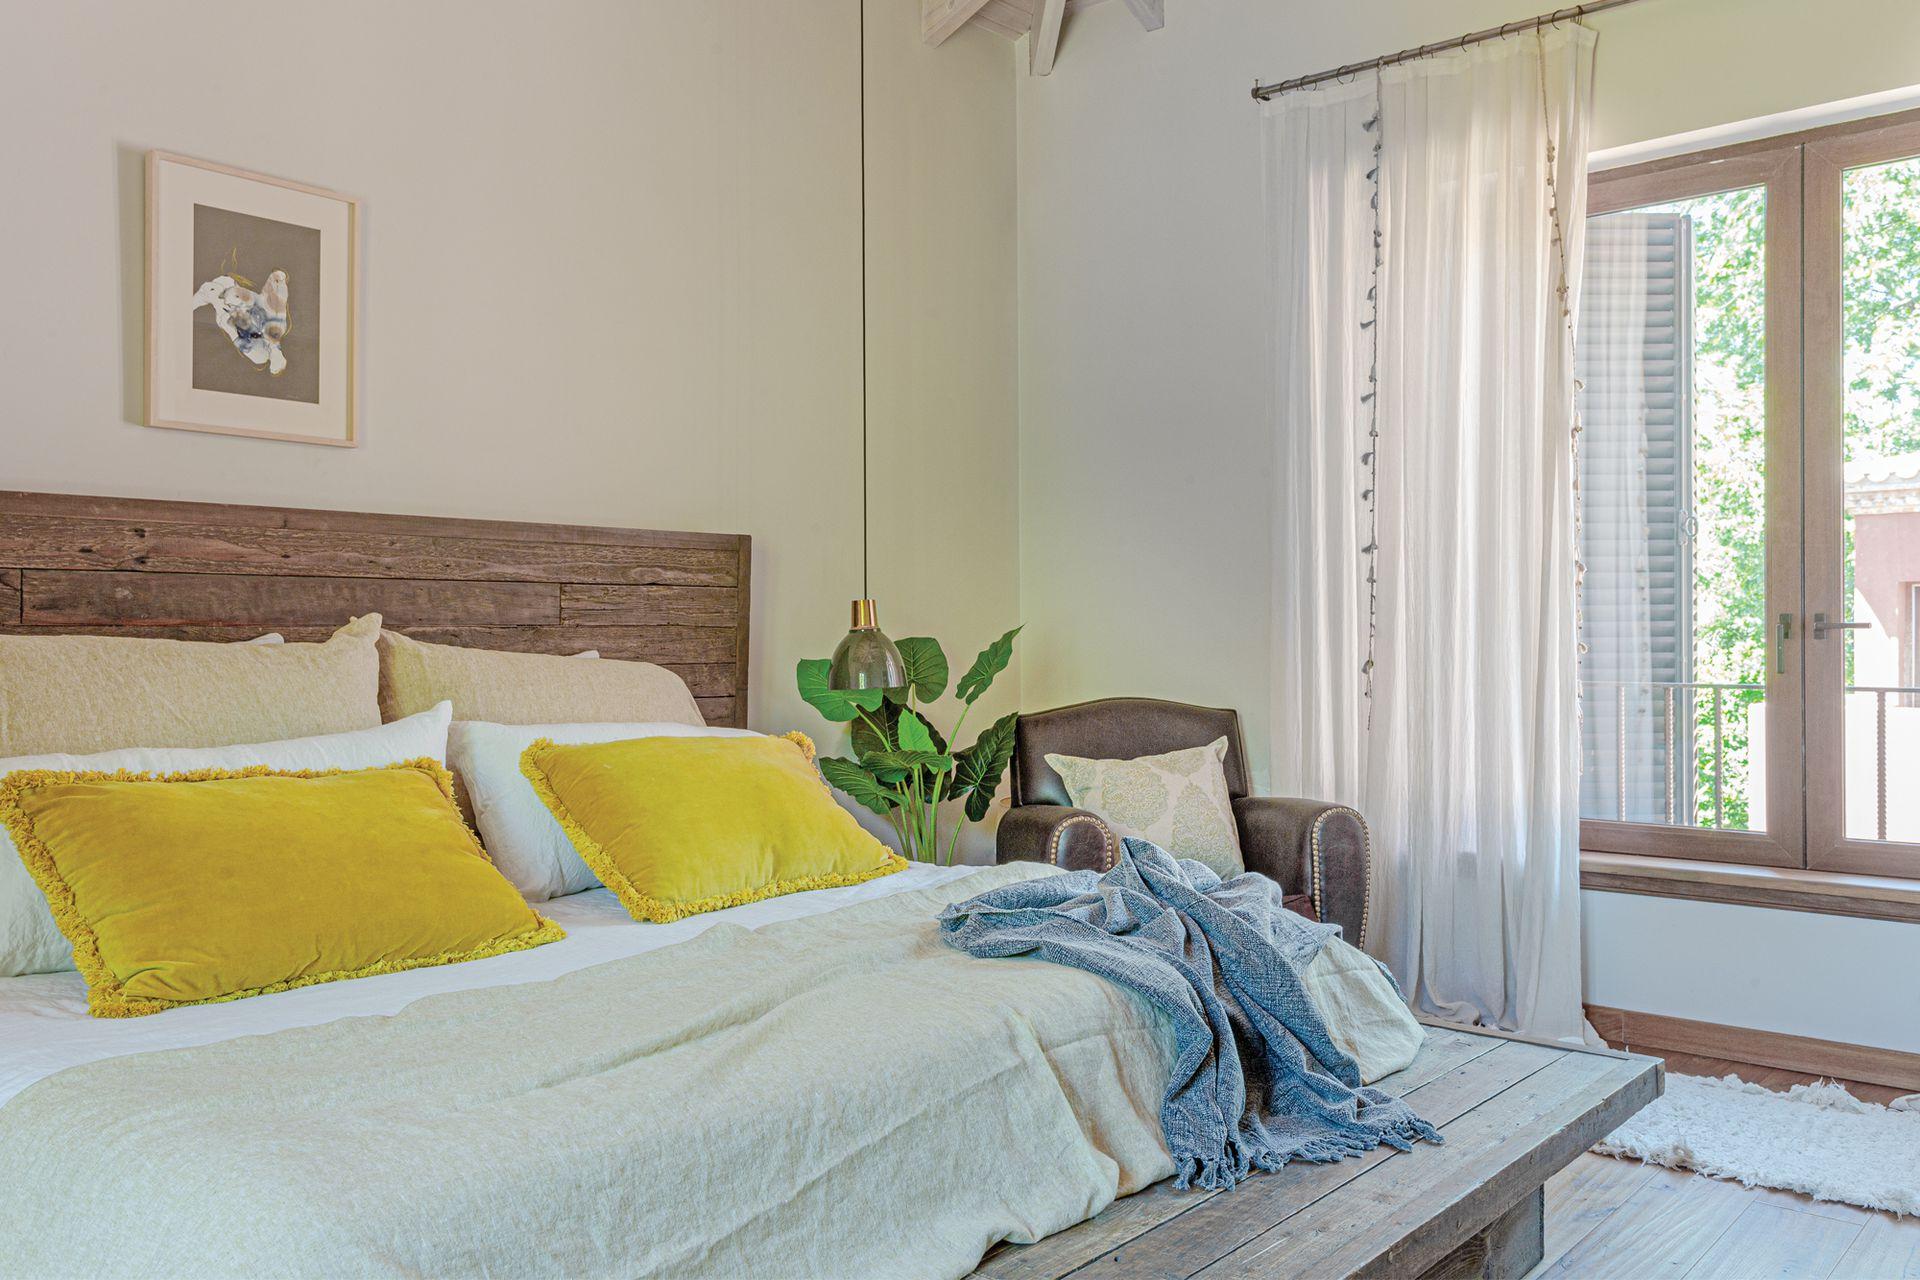 Almohadones de lino natural y terciopelo (Bay Studio). Manta y pie de cama (Profunda Decoración).